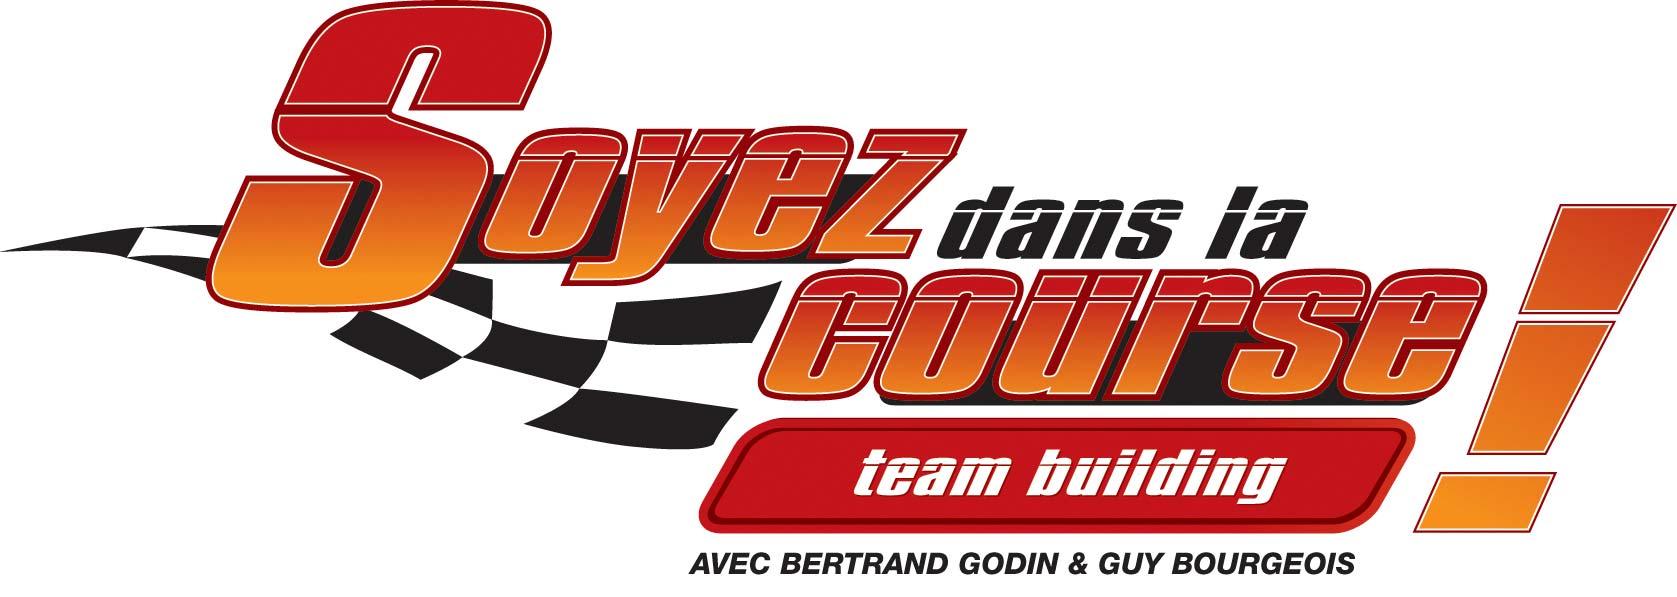 Conférenciers Québec, Formation, Motivation et Team Building - Formax - Soyez Dans la Course